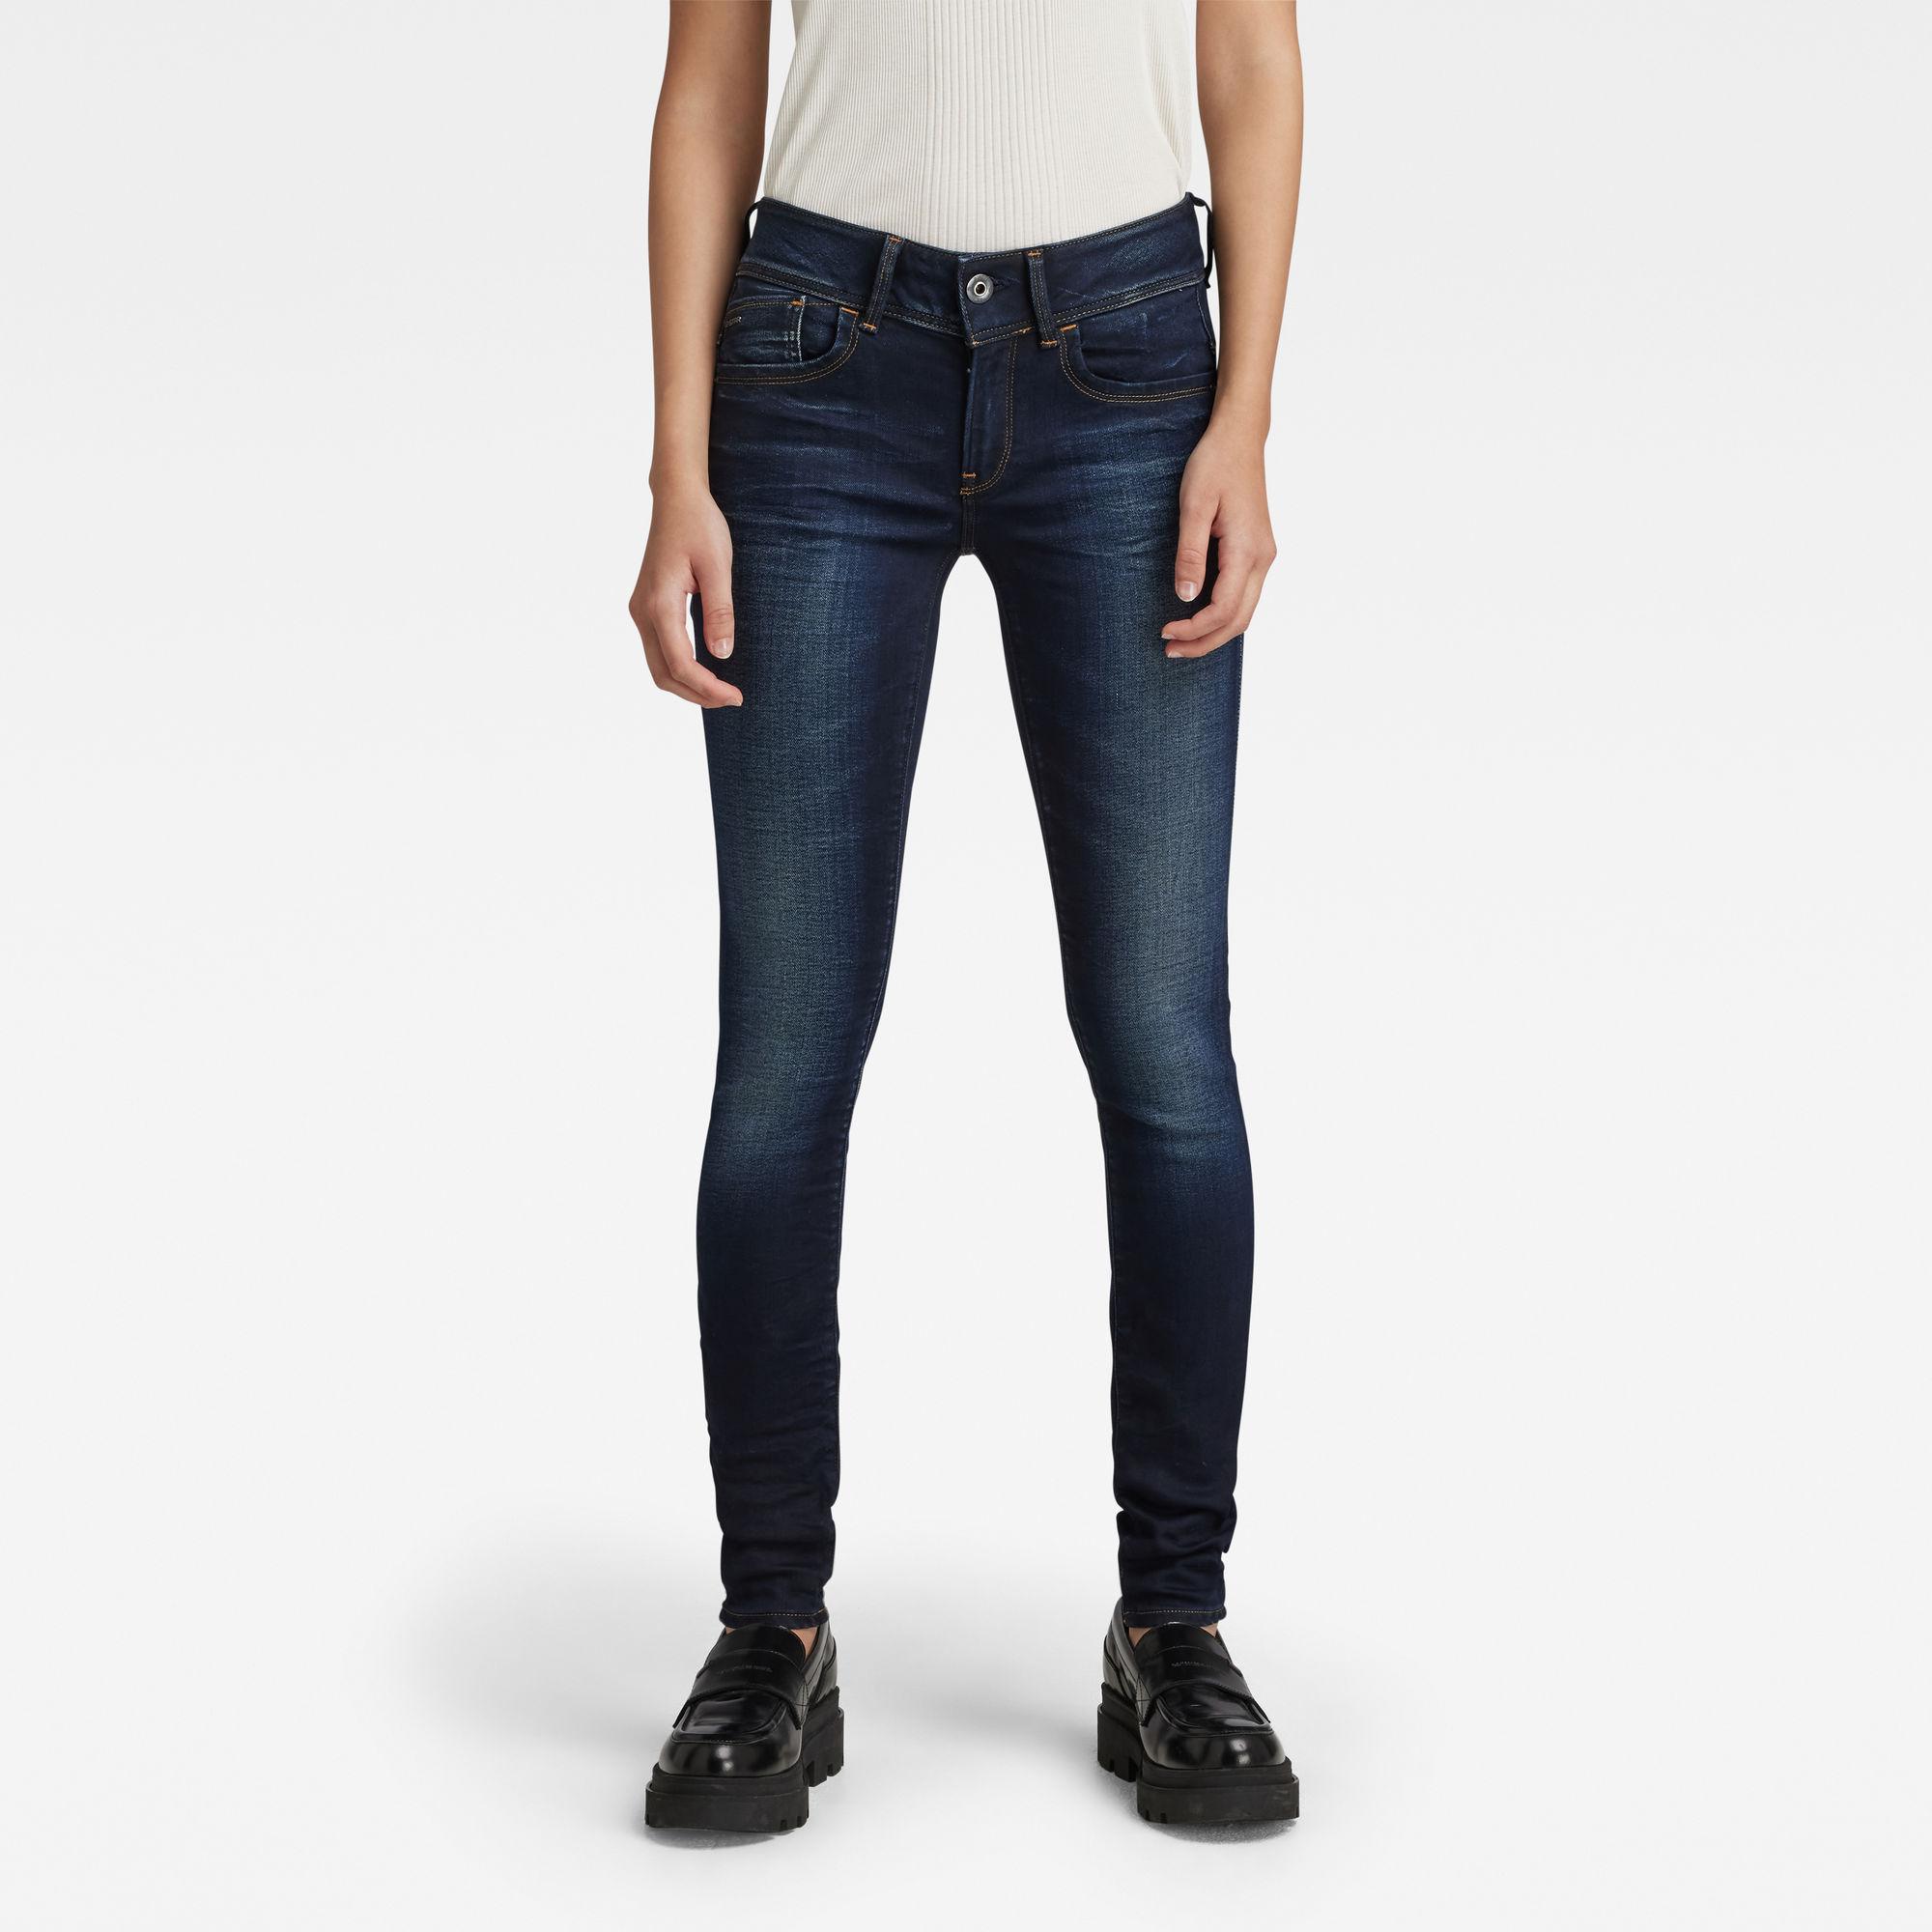 G-Star RAW Dames Lynn Mid Waist Skinny Jeans Donkerblauw